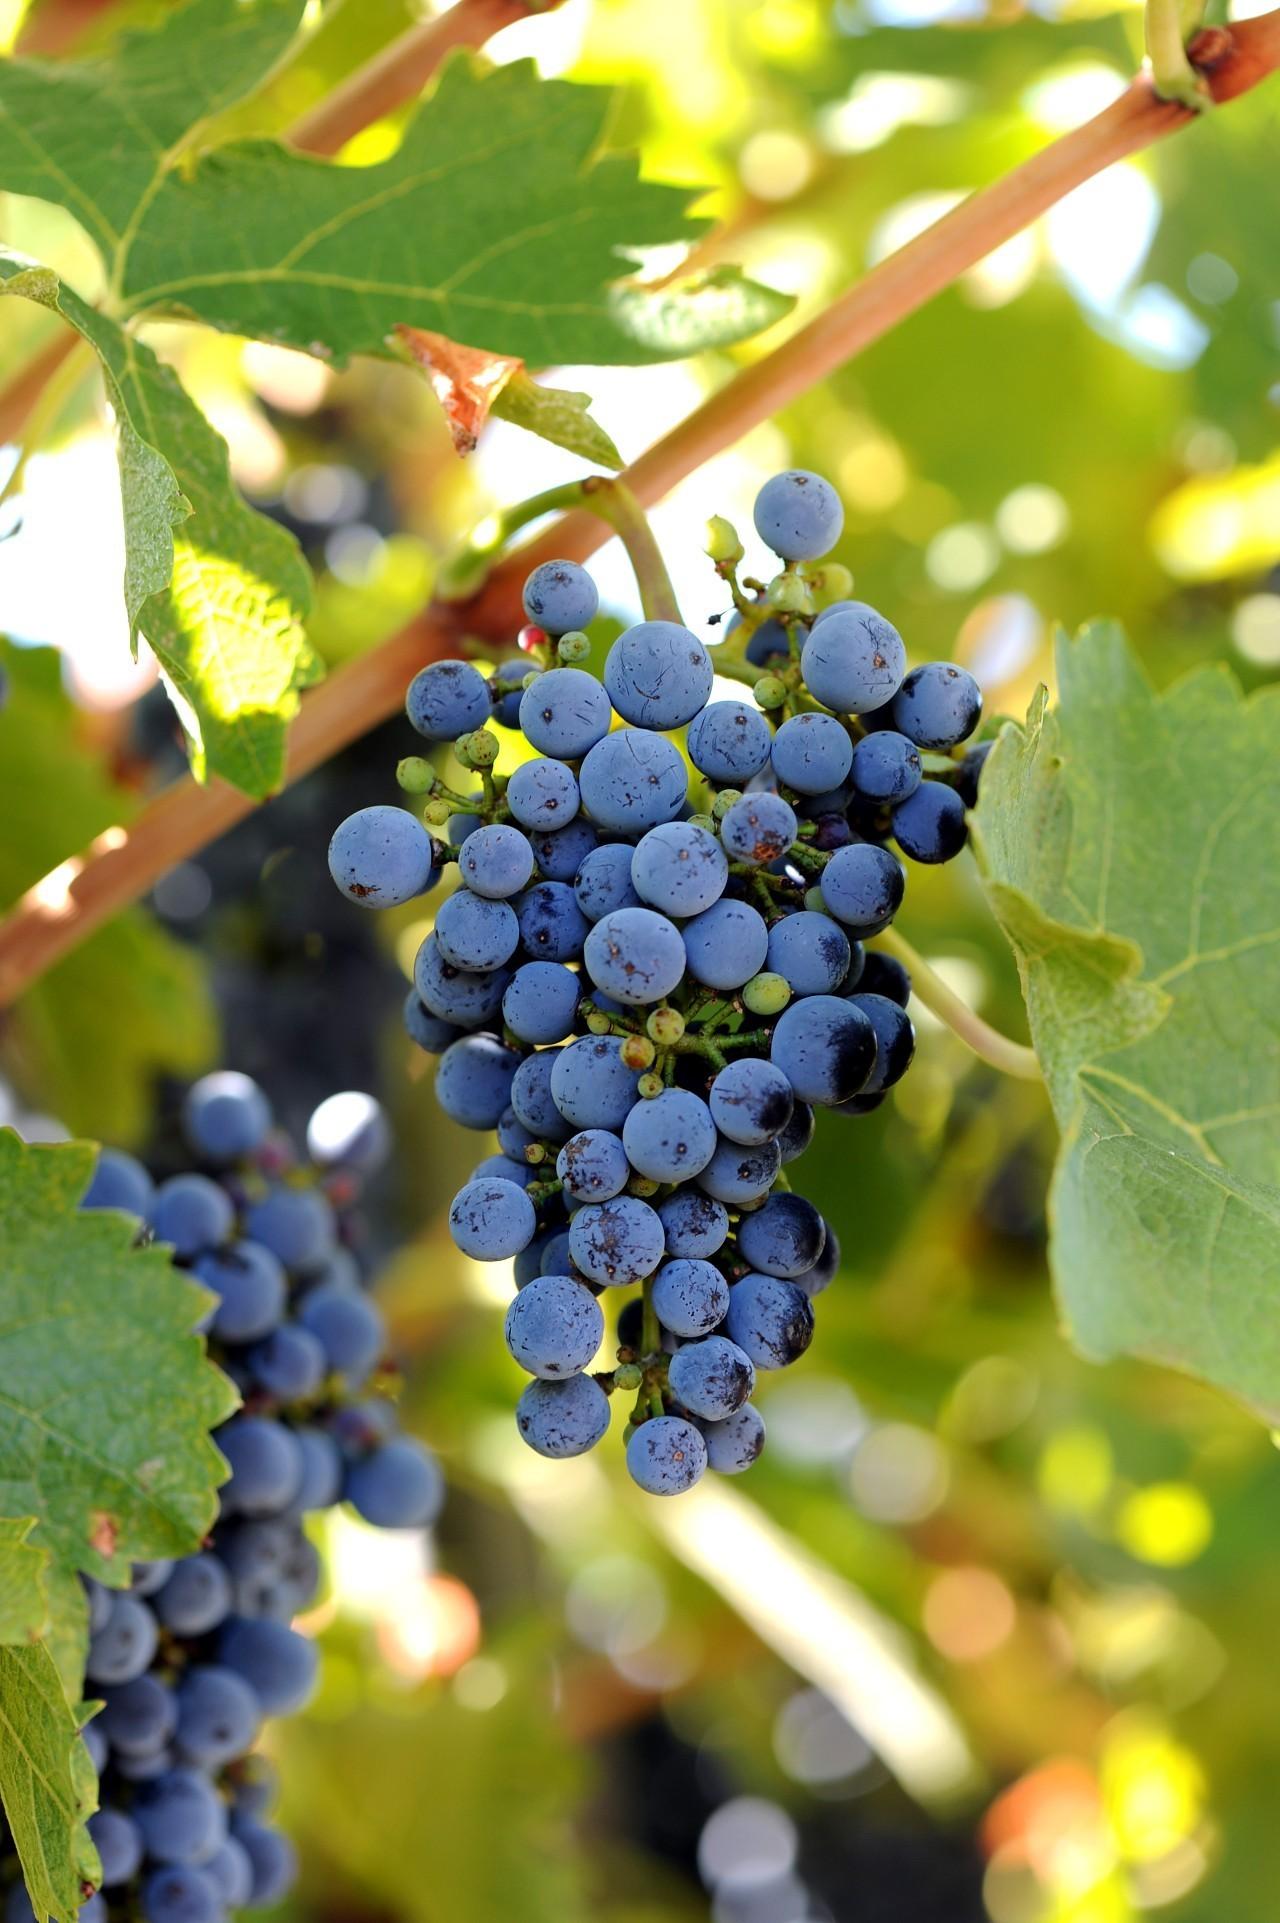 没有白葡萄酒的葡萄酒世界注定是不完美的